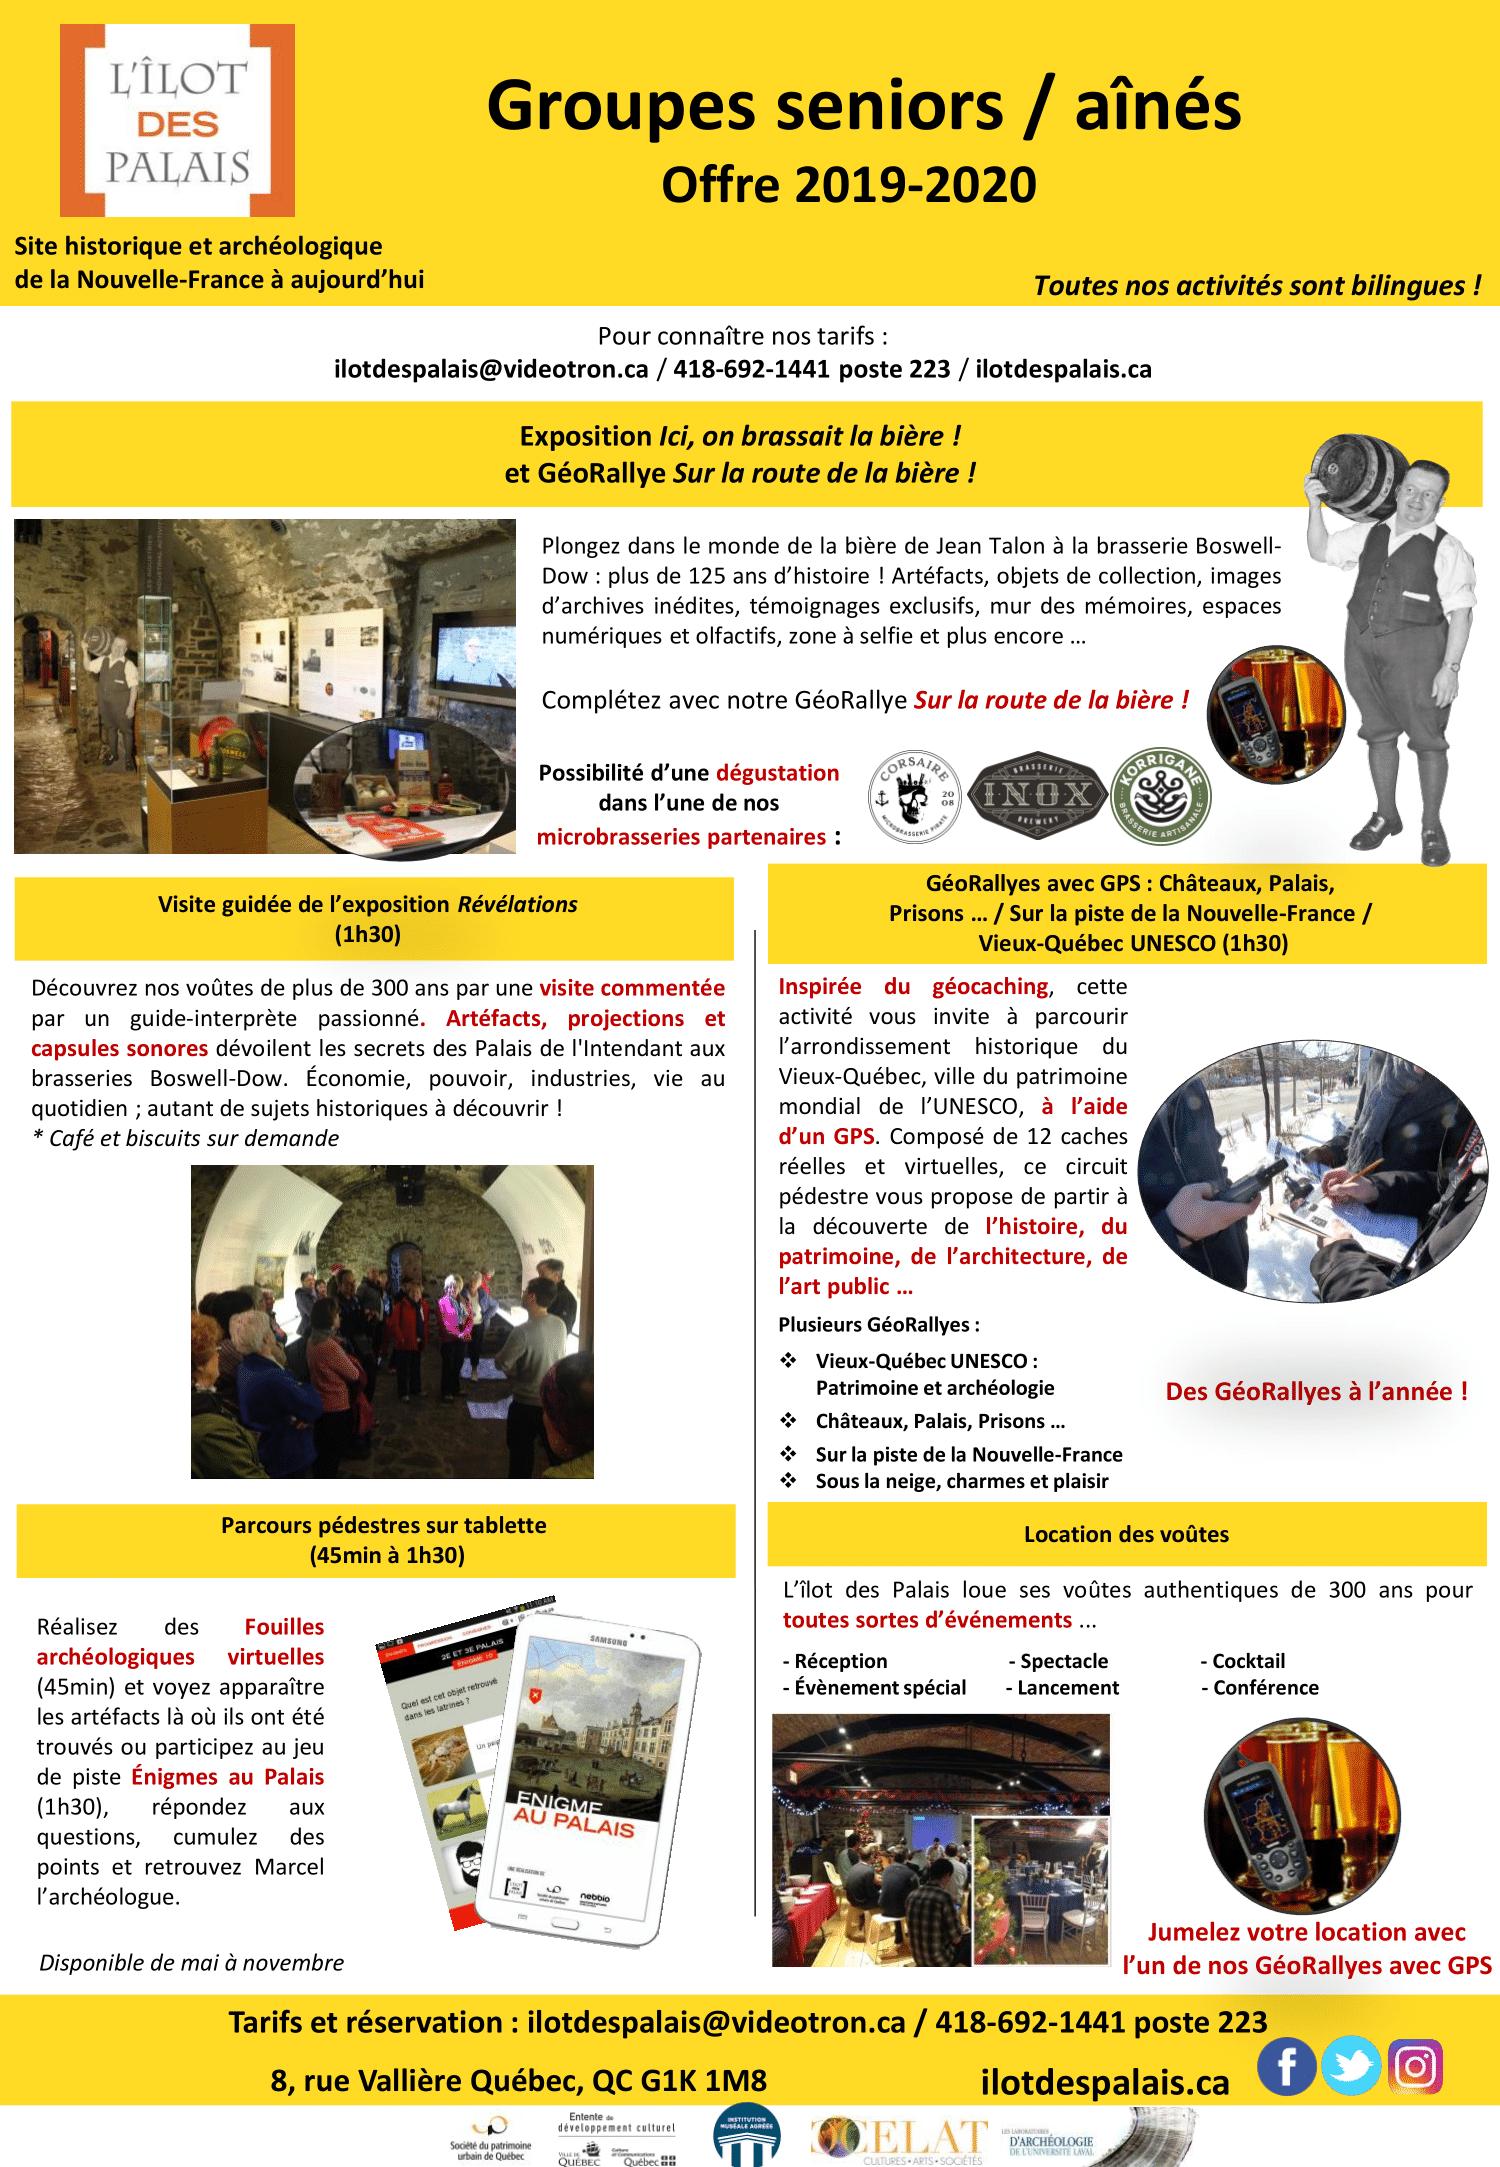 Document 2019-2020 SENIOR AÎNÉ-1